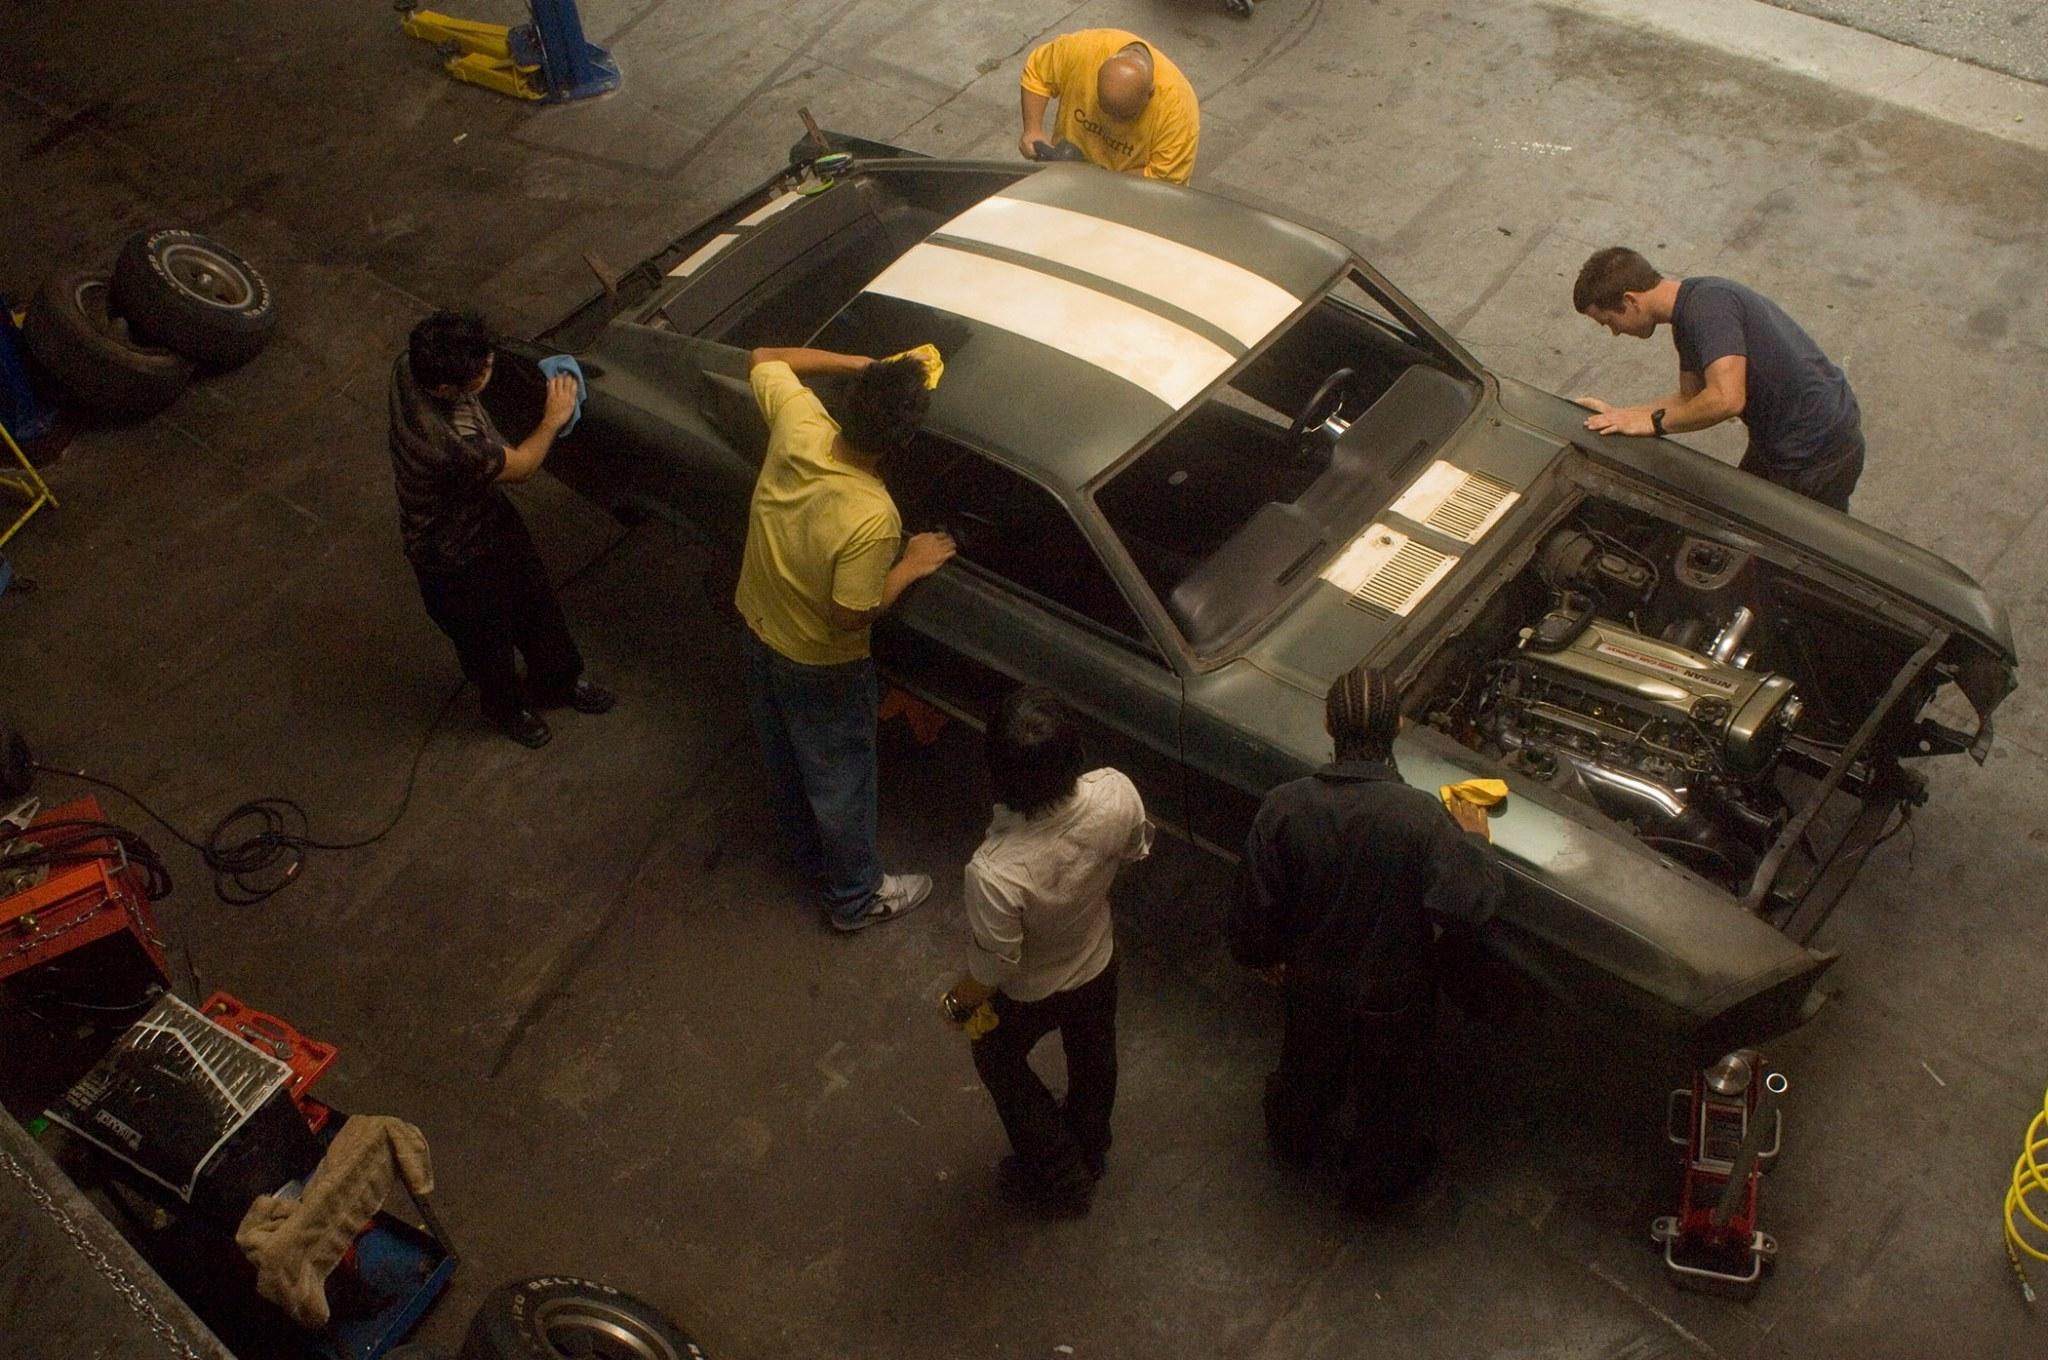 รวมรถซิ่ง ฌอน บอสเวลล์ จากฟาส